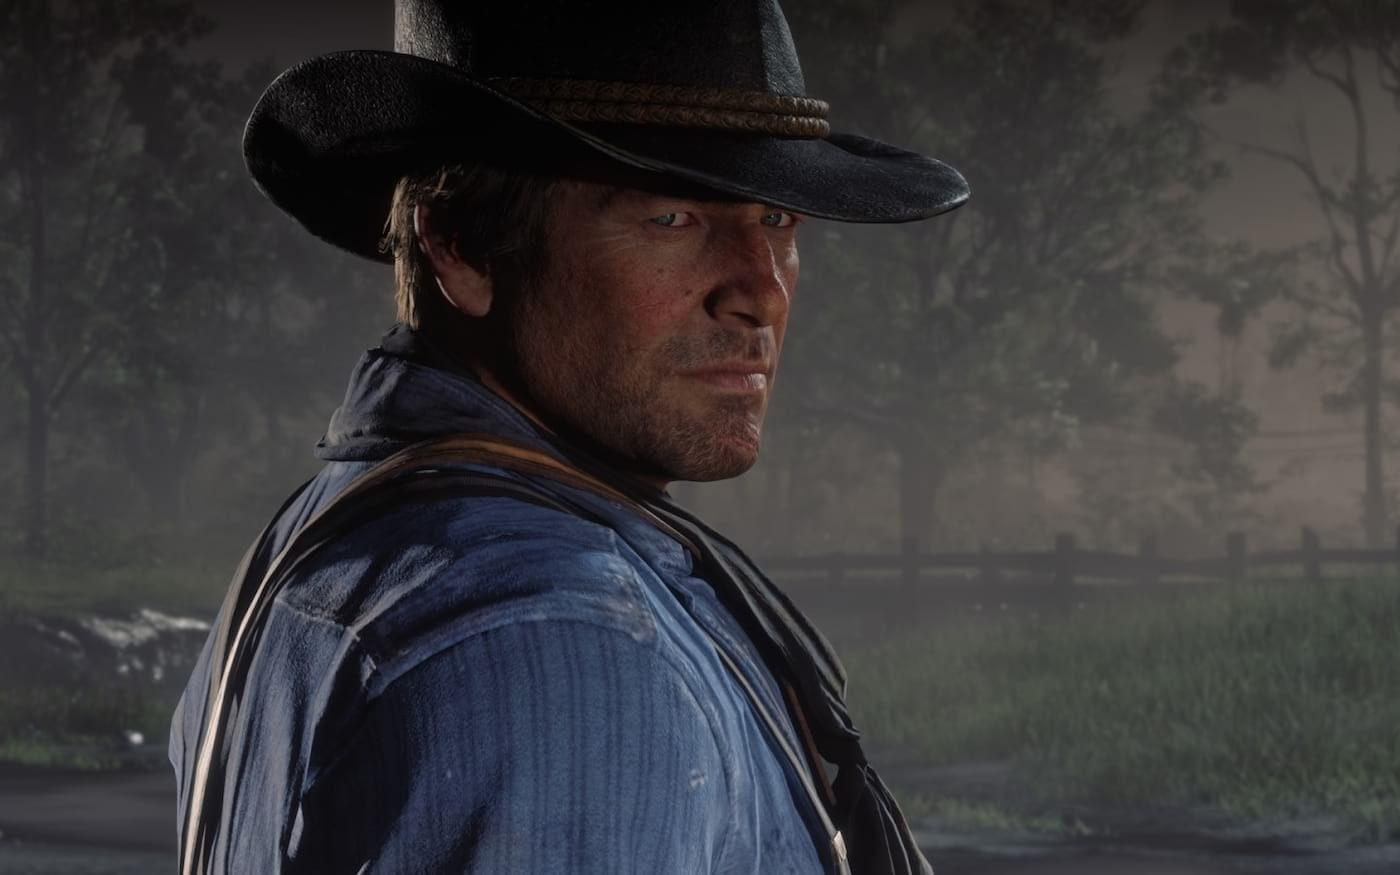 Requisitos mínimos para rodar Red Dead Redemption 2 no PC